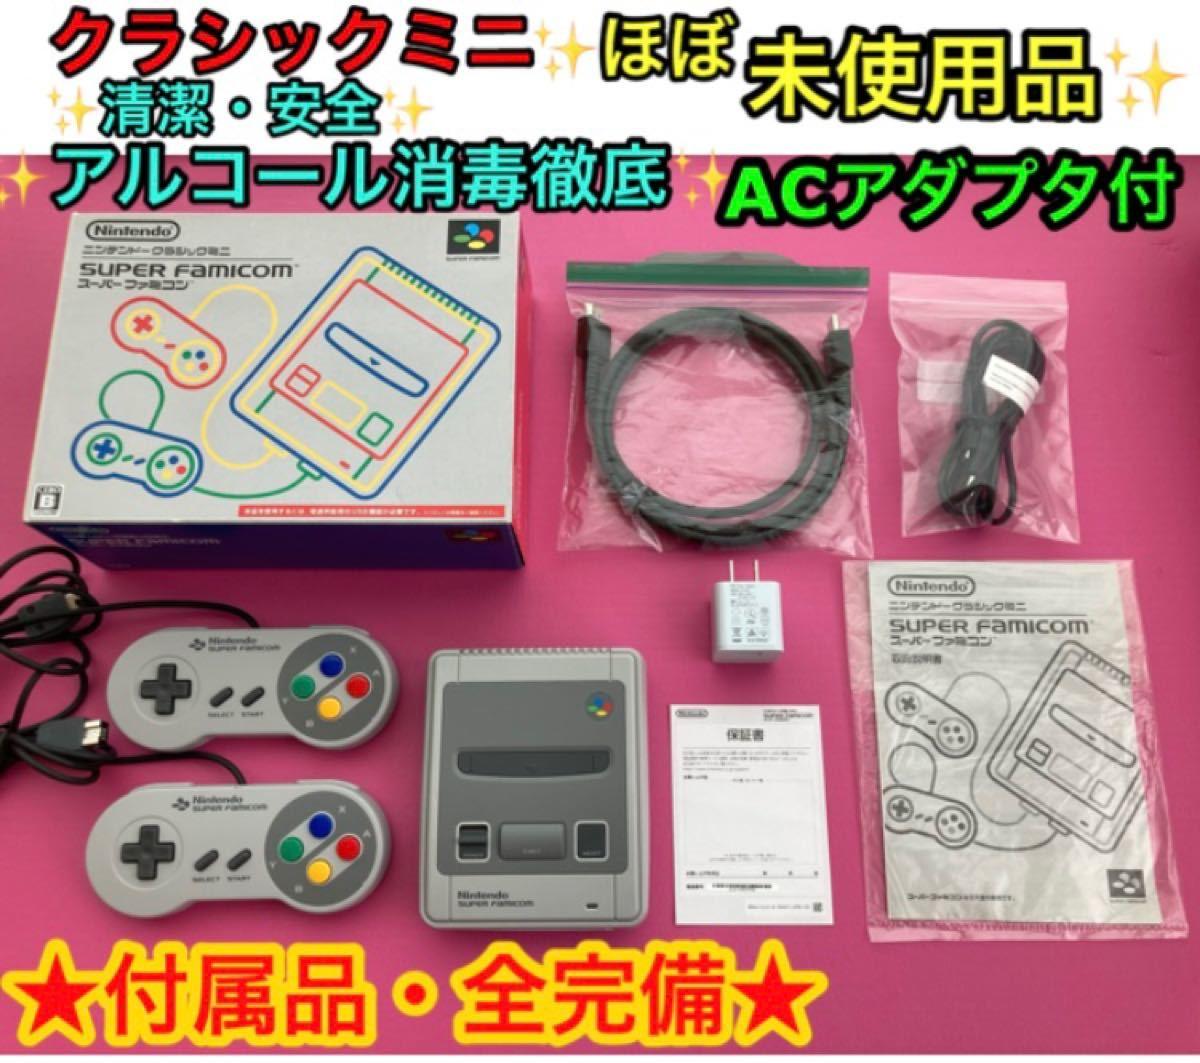 【ほぼ未使用品】 Nintendo ニンテンドー スーパーファミコン クラシックミニ 任天堂 ACアダプタ付